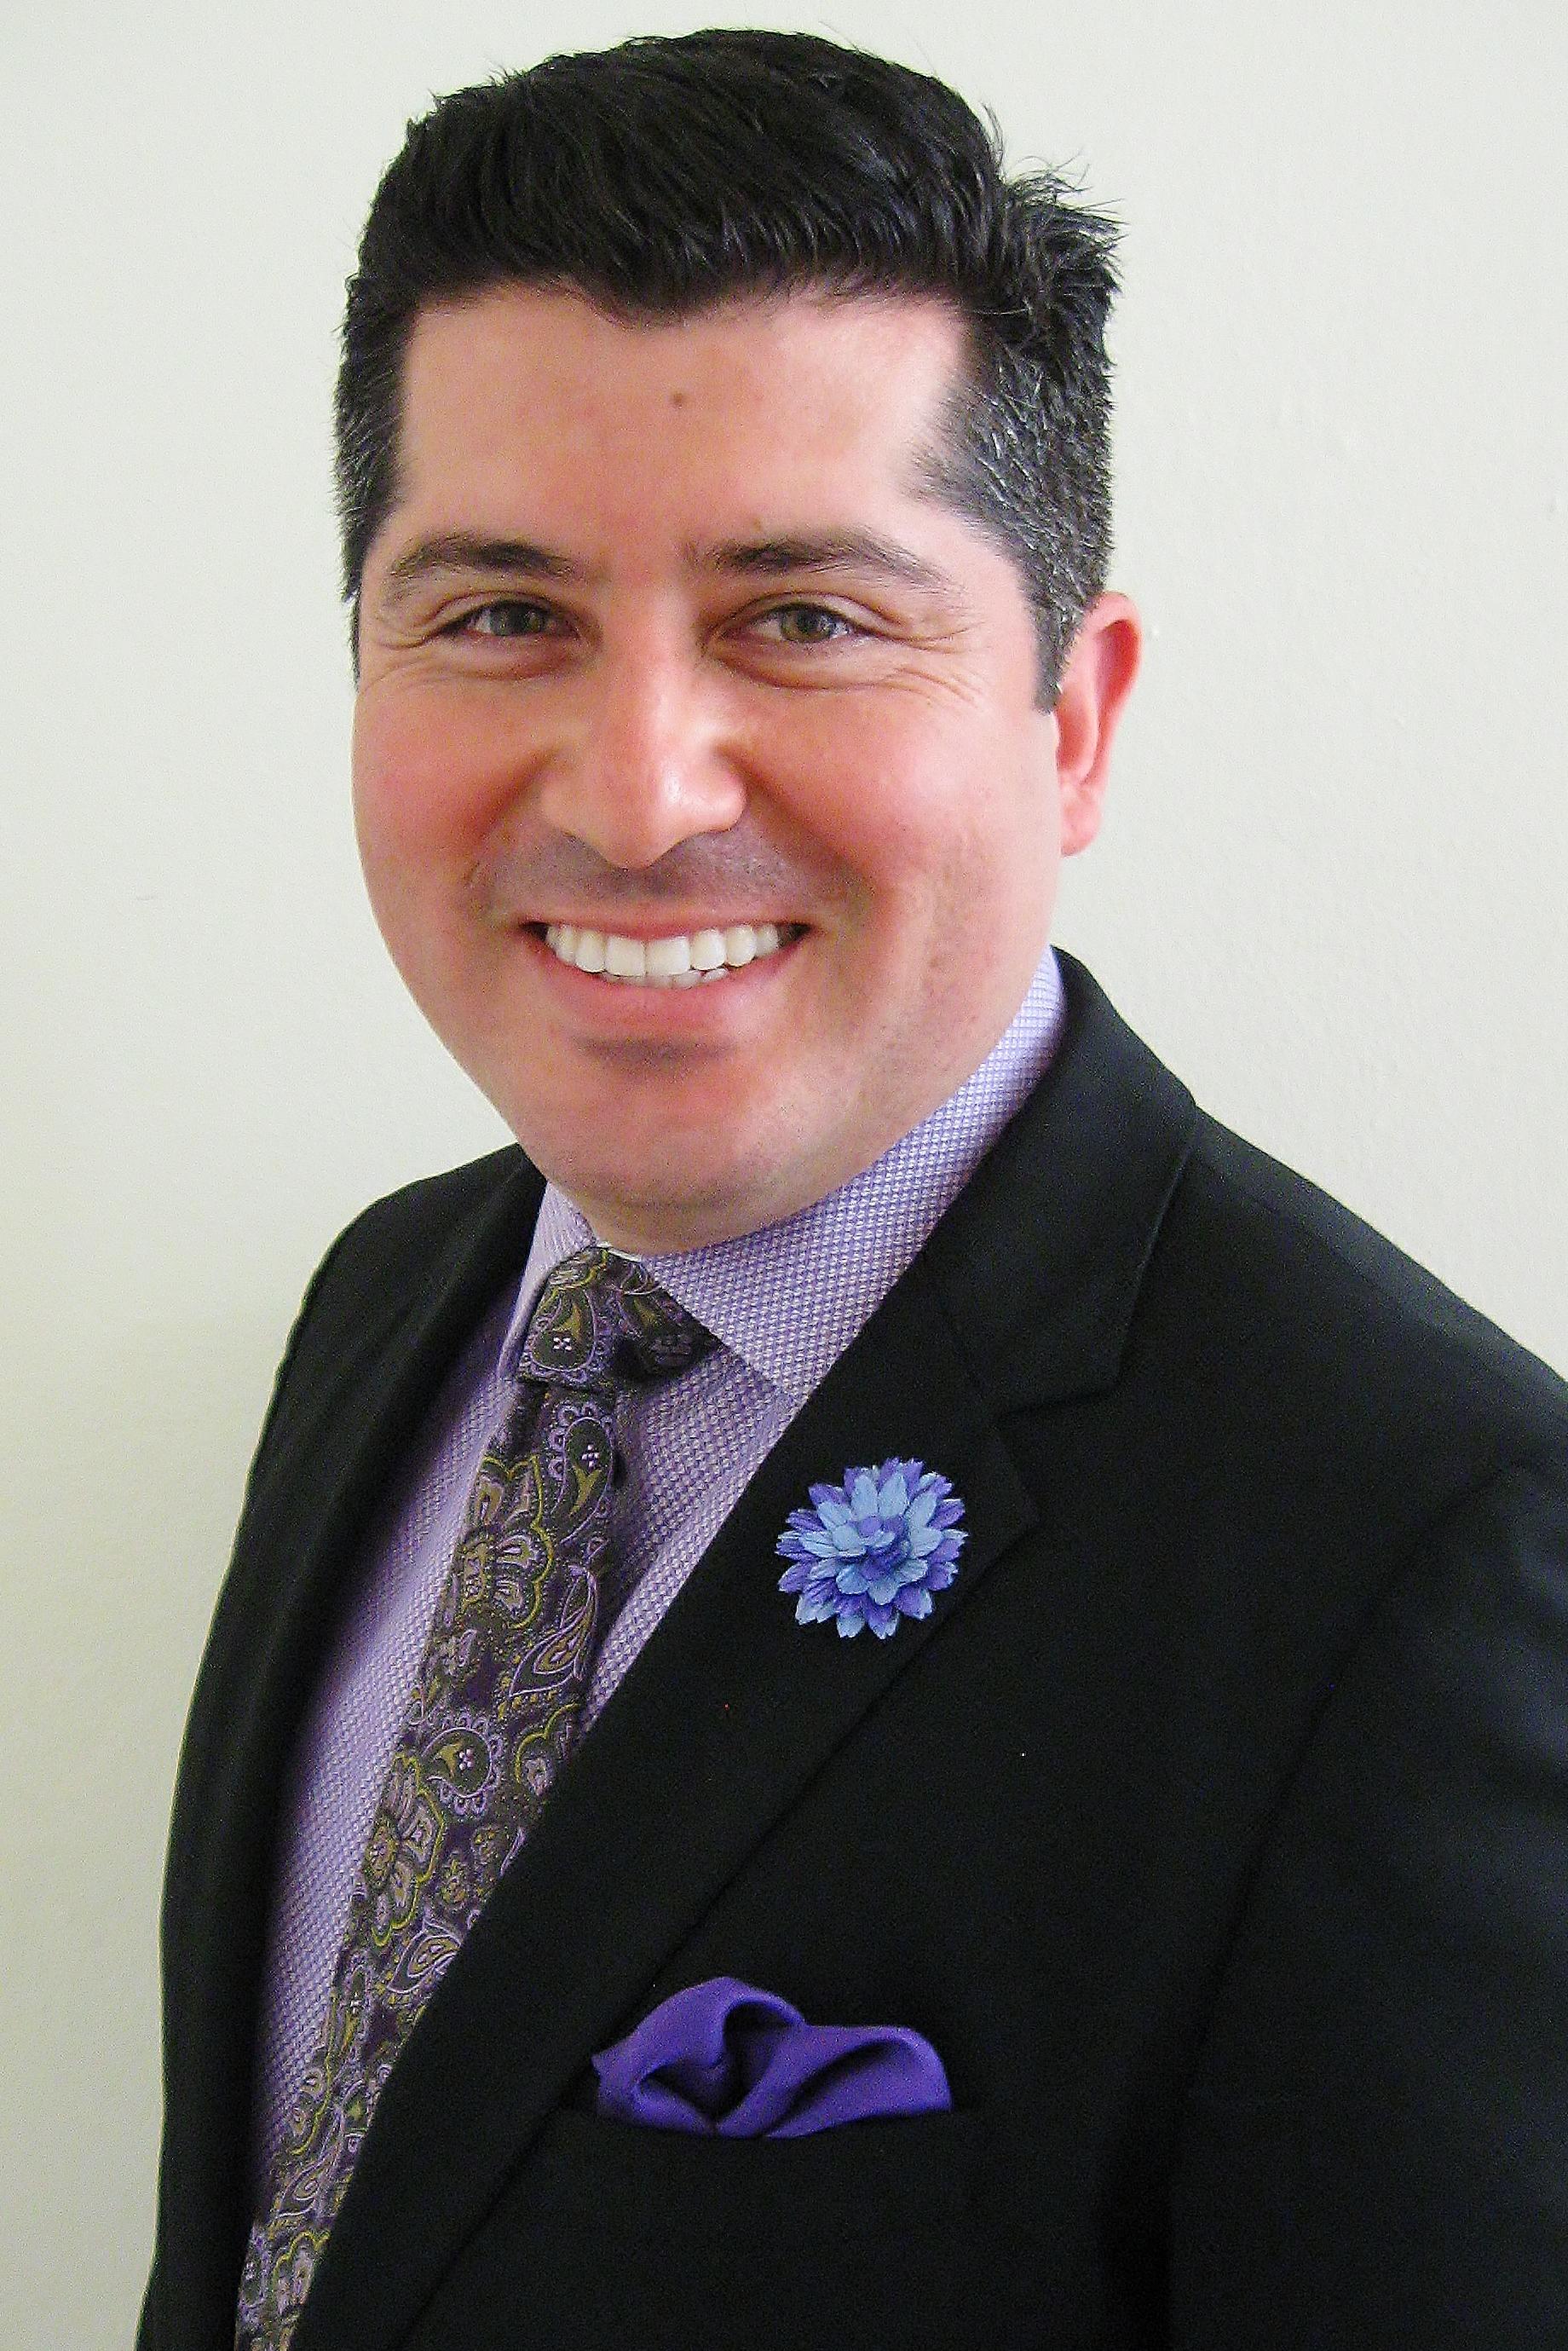 Emmanuel Fragoso